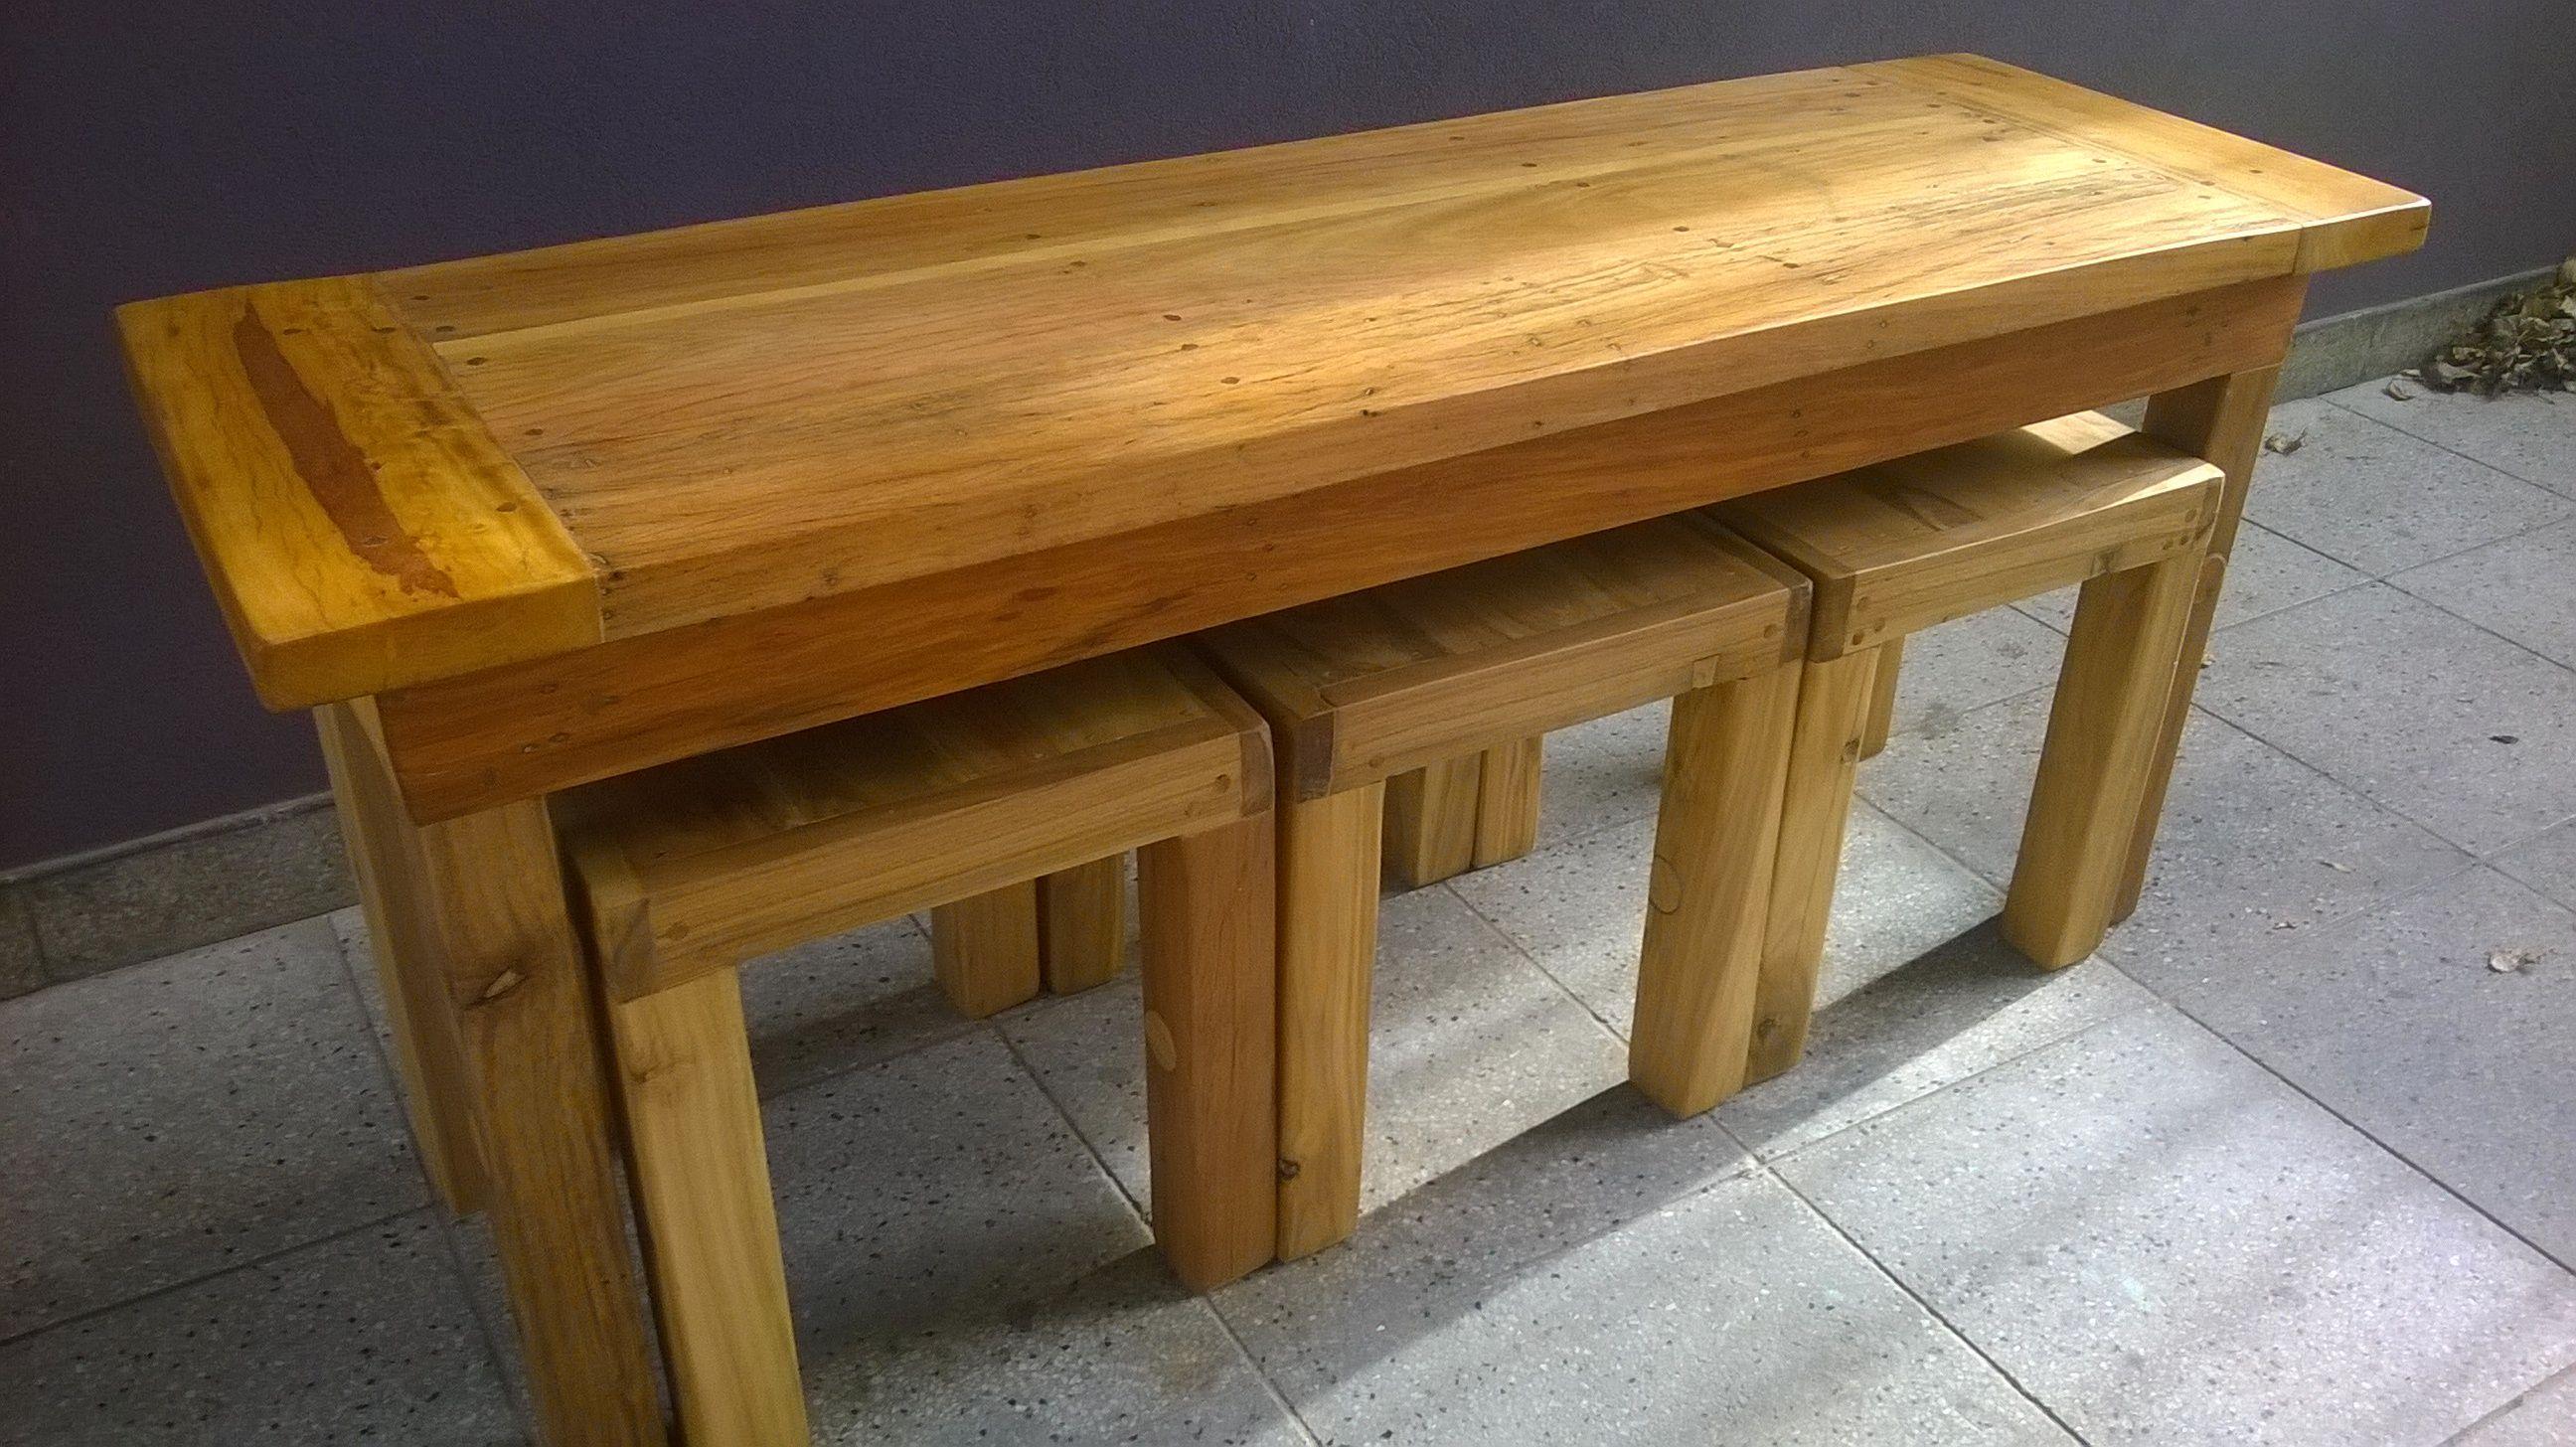 Mesa ratona 3 banquetas de madera dura de quebracho for Banquetas de madera